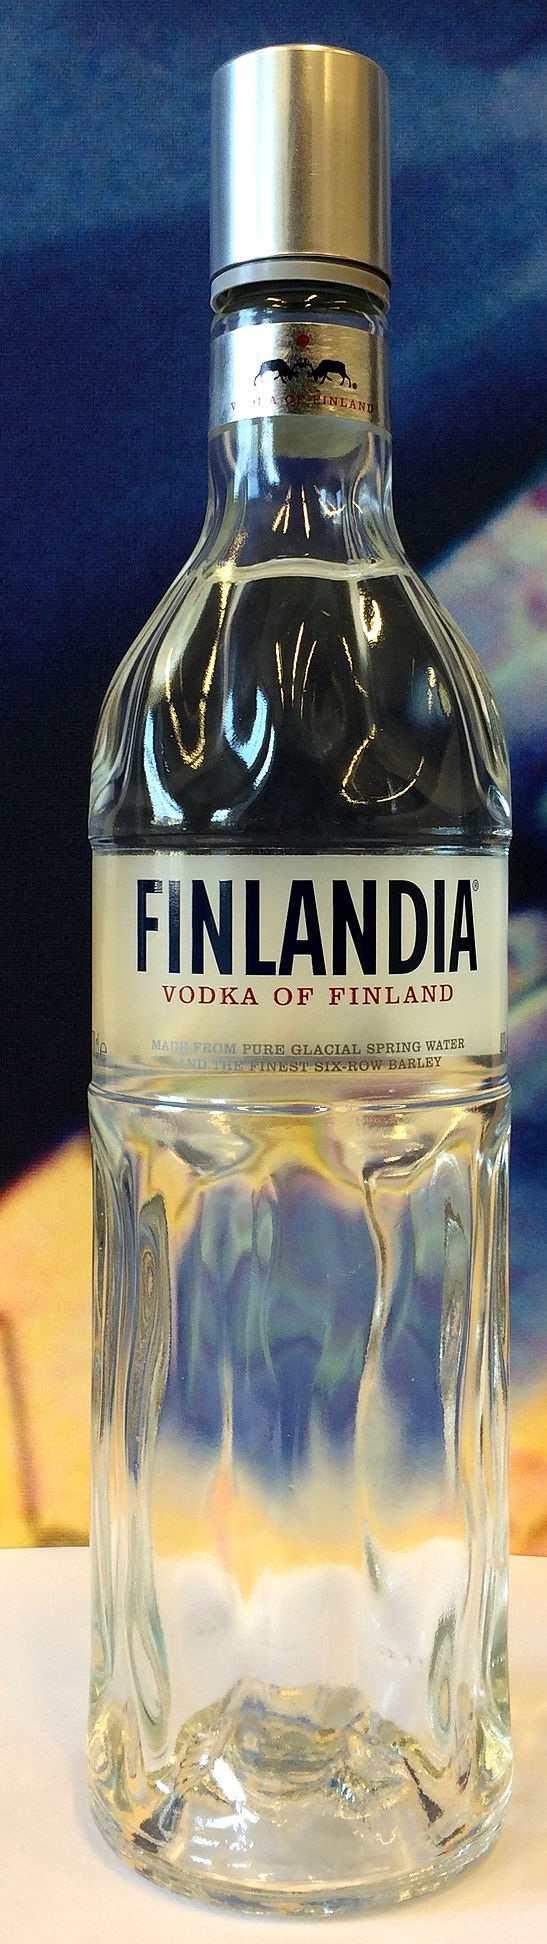 Что привезти из Финляндии 2019 в подарок, сувенир, из продуктов, выгодные товары на заказ. Фото